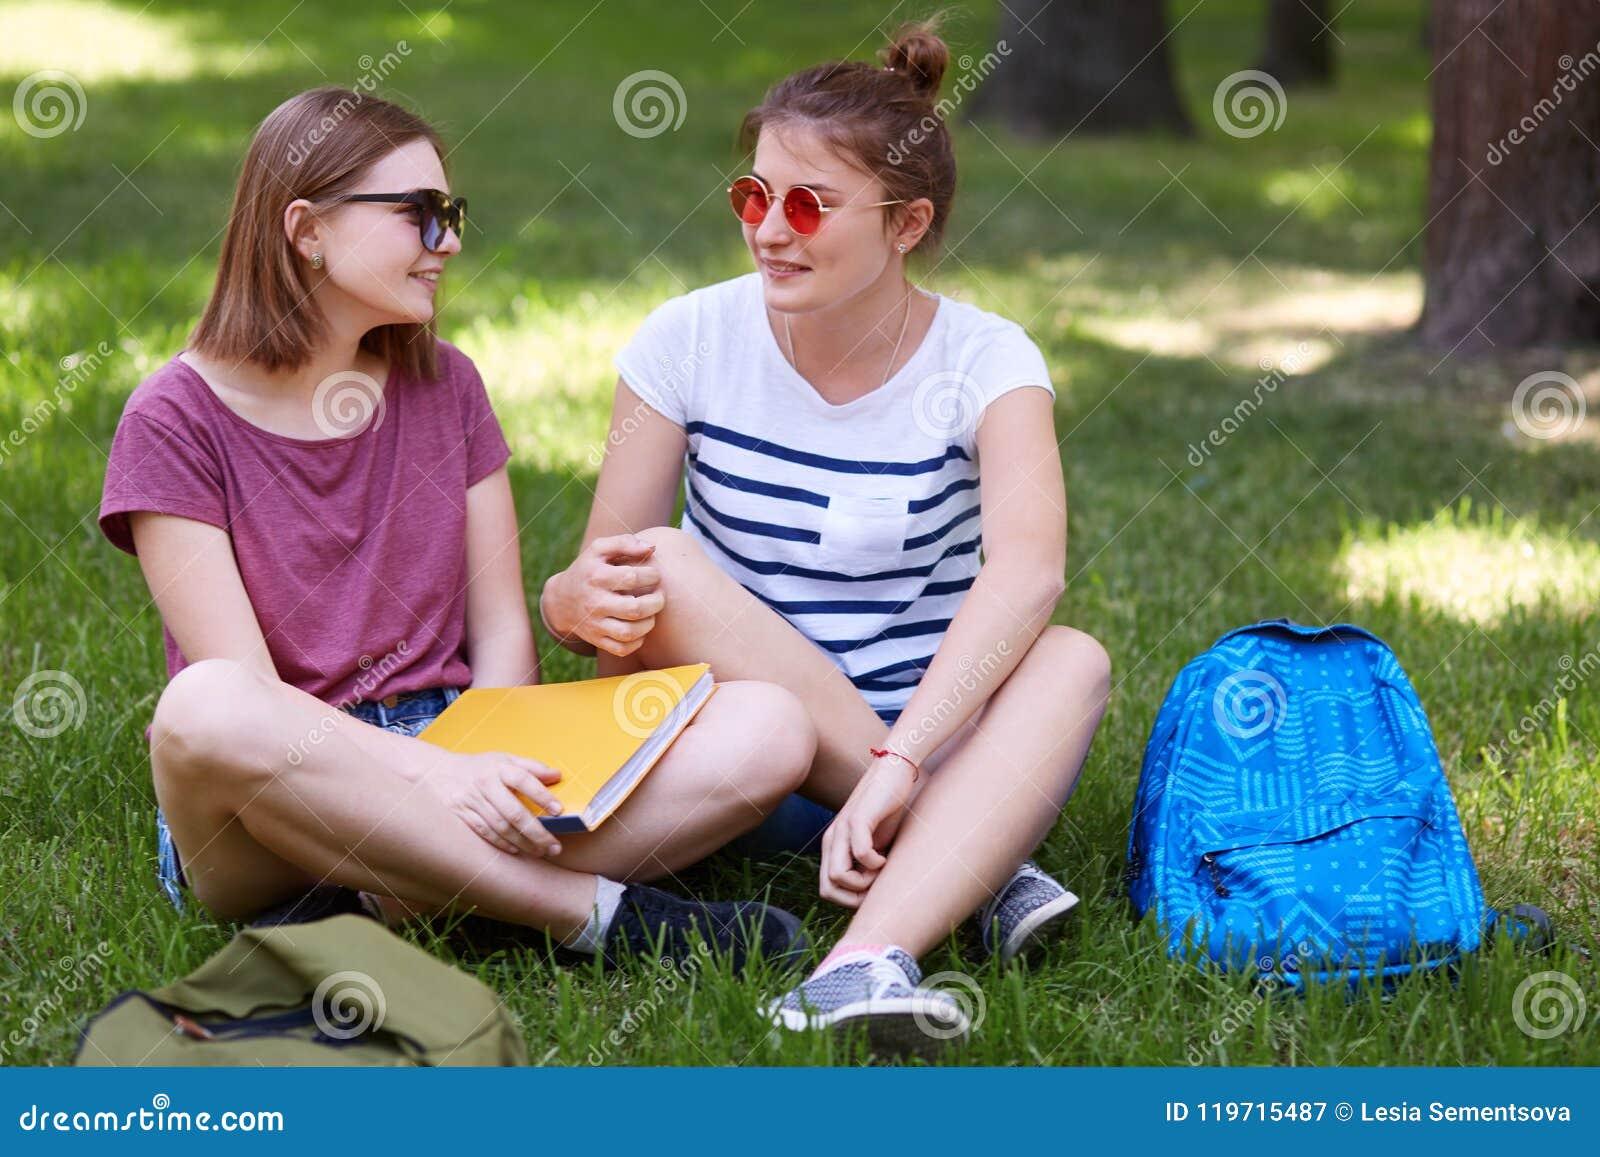 De vrij vrouwelijke kereltjes in vrijetijdskleding bekijkt vreugdevol elkaar, hebt rust na lezing voor definitief examen, zit op